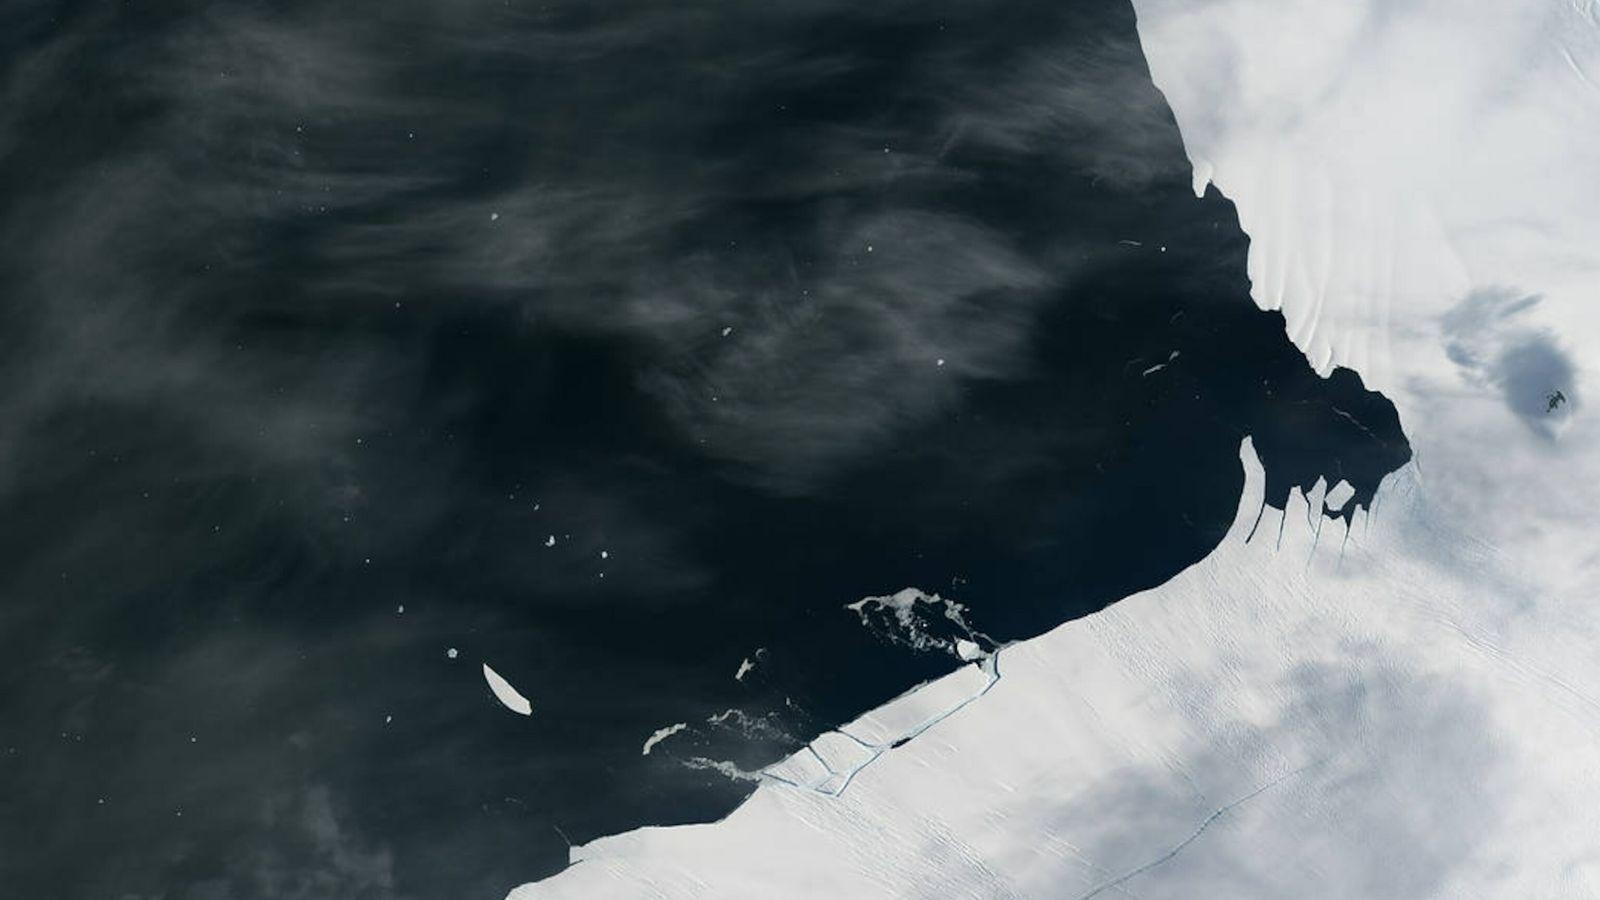 antarctica-ice-trouble